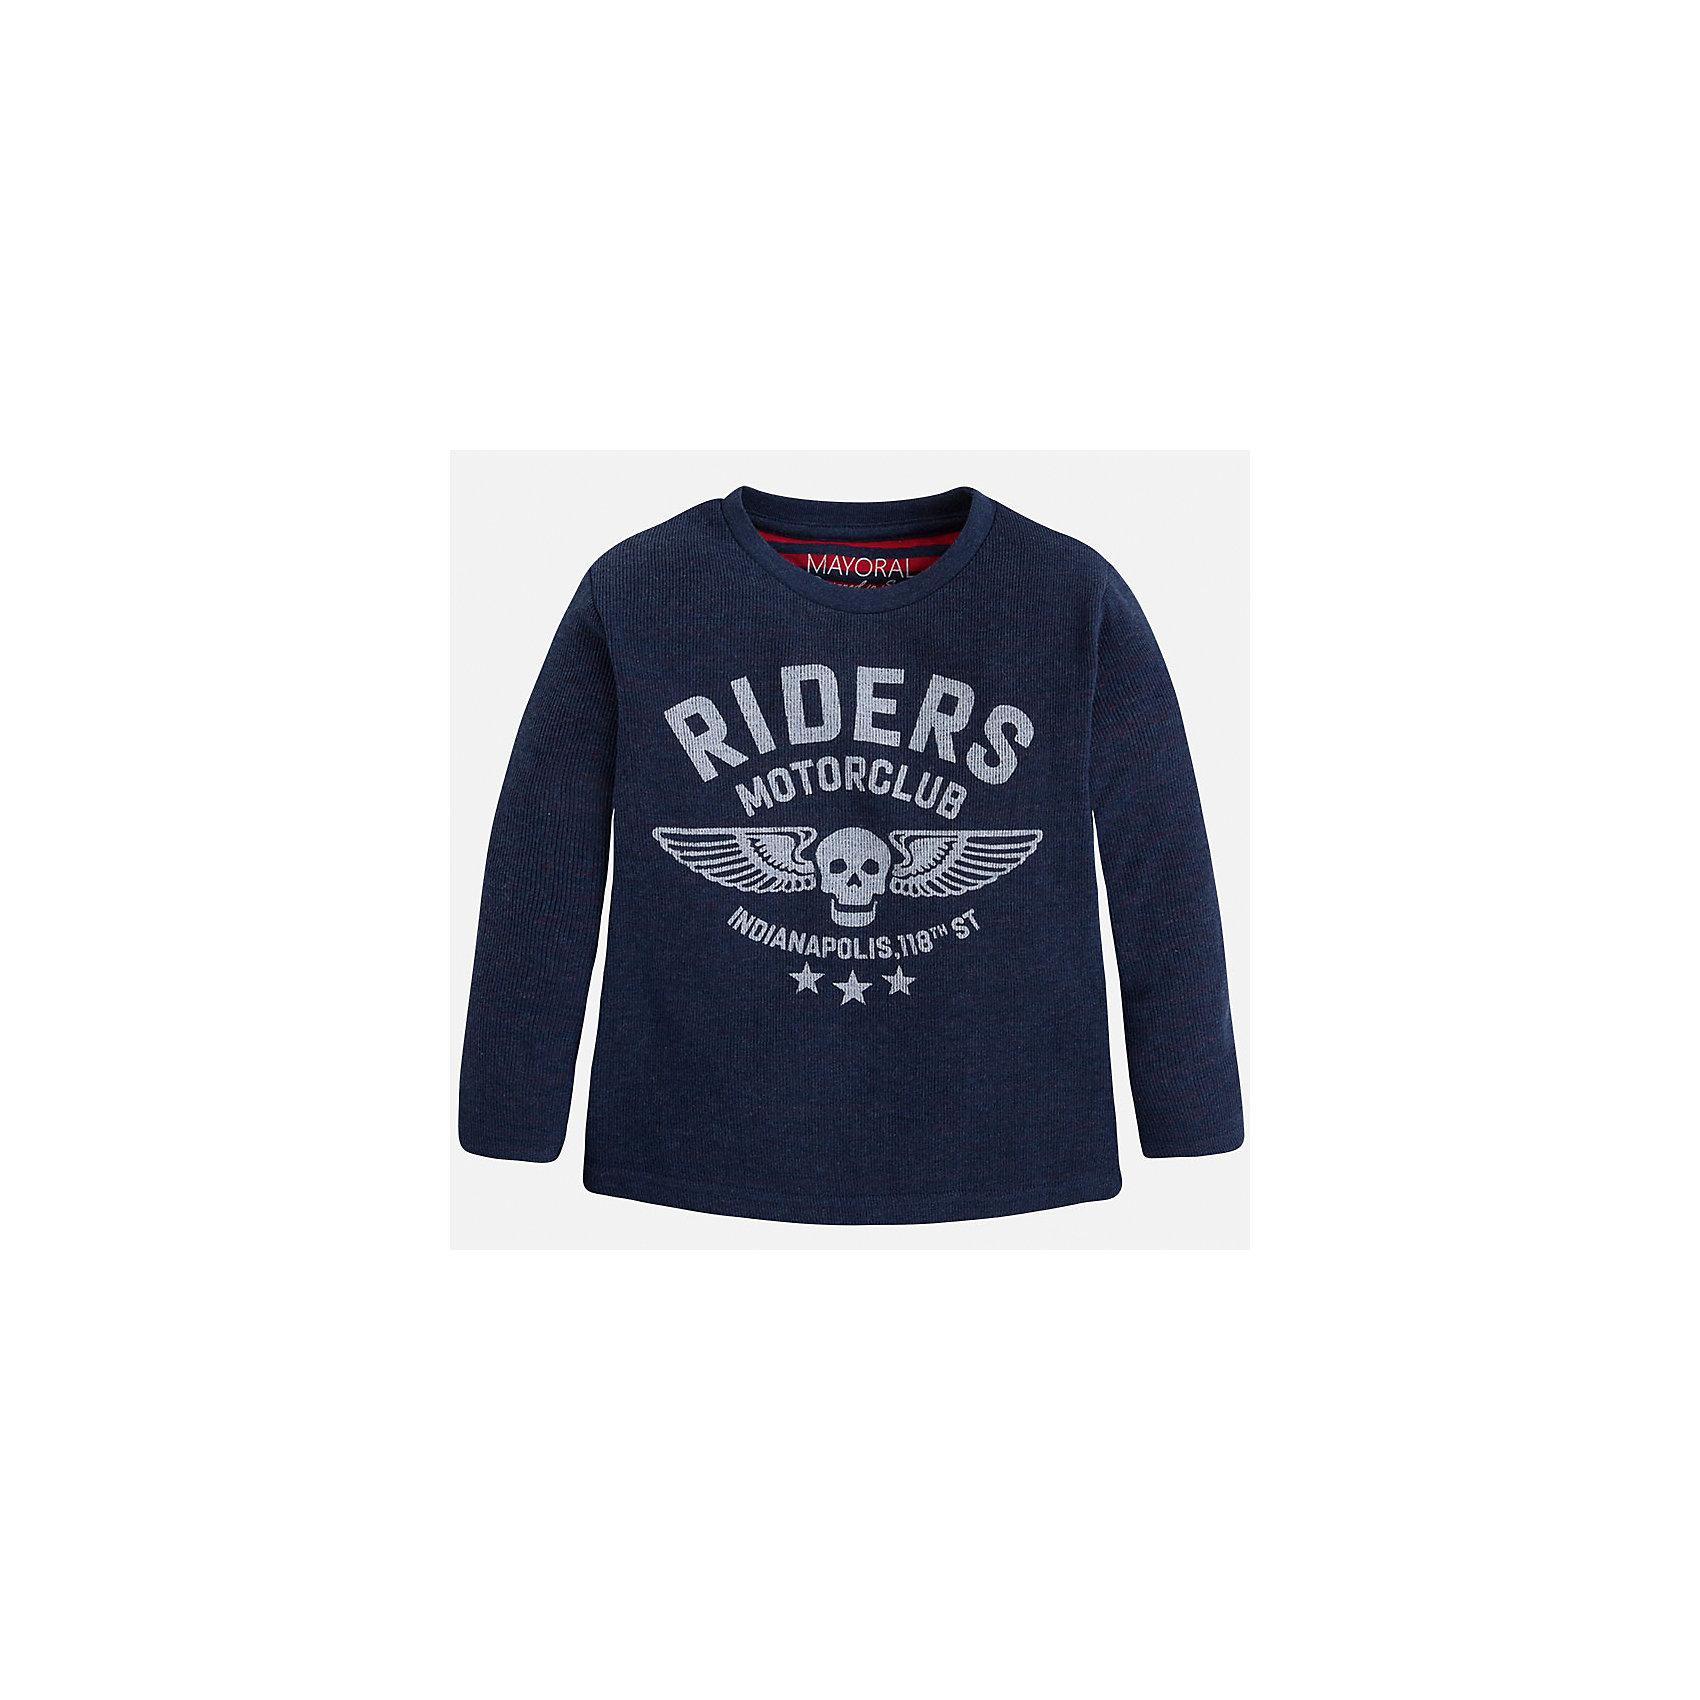 Футболка с длинным рукавом для мальчика MayoralХлопковая футболка с длинными рукавами - это  базовая вещь в любом гардеробе. Благодаря длинным рукавам и легкому составу, ее можно носить в любое время года, а яркий орнамент, подчеркнет индивидуальный стиль Вашего ребенка!<br><br>Дополнительная информация:<br><br>- Крой: прямой крой.<br>- Страна бренда: Испания.<br>- Состав: <br>Верхняя ткань: хлопок 60%, полиэстер 40%.<br>Подкладка: хлопок 60%, полиэстер 40%.<br>- Цвет: синий.<br>- Уход: бережная стирка при 30 градусах.<br><br>Купить футболку с длинным рукавом для мальчика, от  Mayoral, можно в нашем магазине.<br><br>Ширина мм: 230<br>Глубина мм: 40<br>Высота мм: 220<br>Вес г: 250<br>Цвет: синий<br>Возраст от месяцев: 18<br>Возраст до месяцев: 24<br>Пол: Мужской<br>Возраст: Детский<br>Размер: 92,134,128,122,116,110,104,98<br>SKU: 4821896